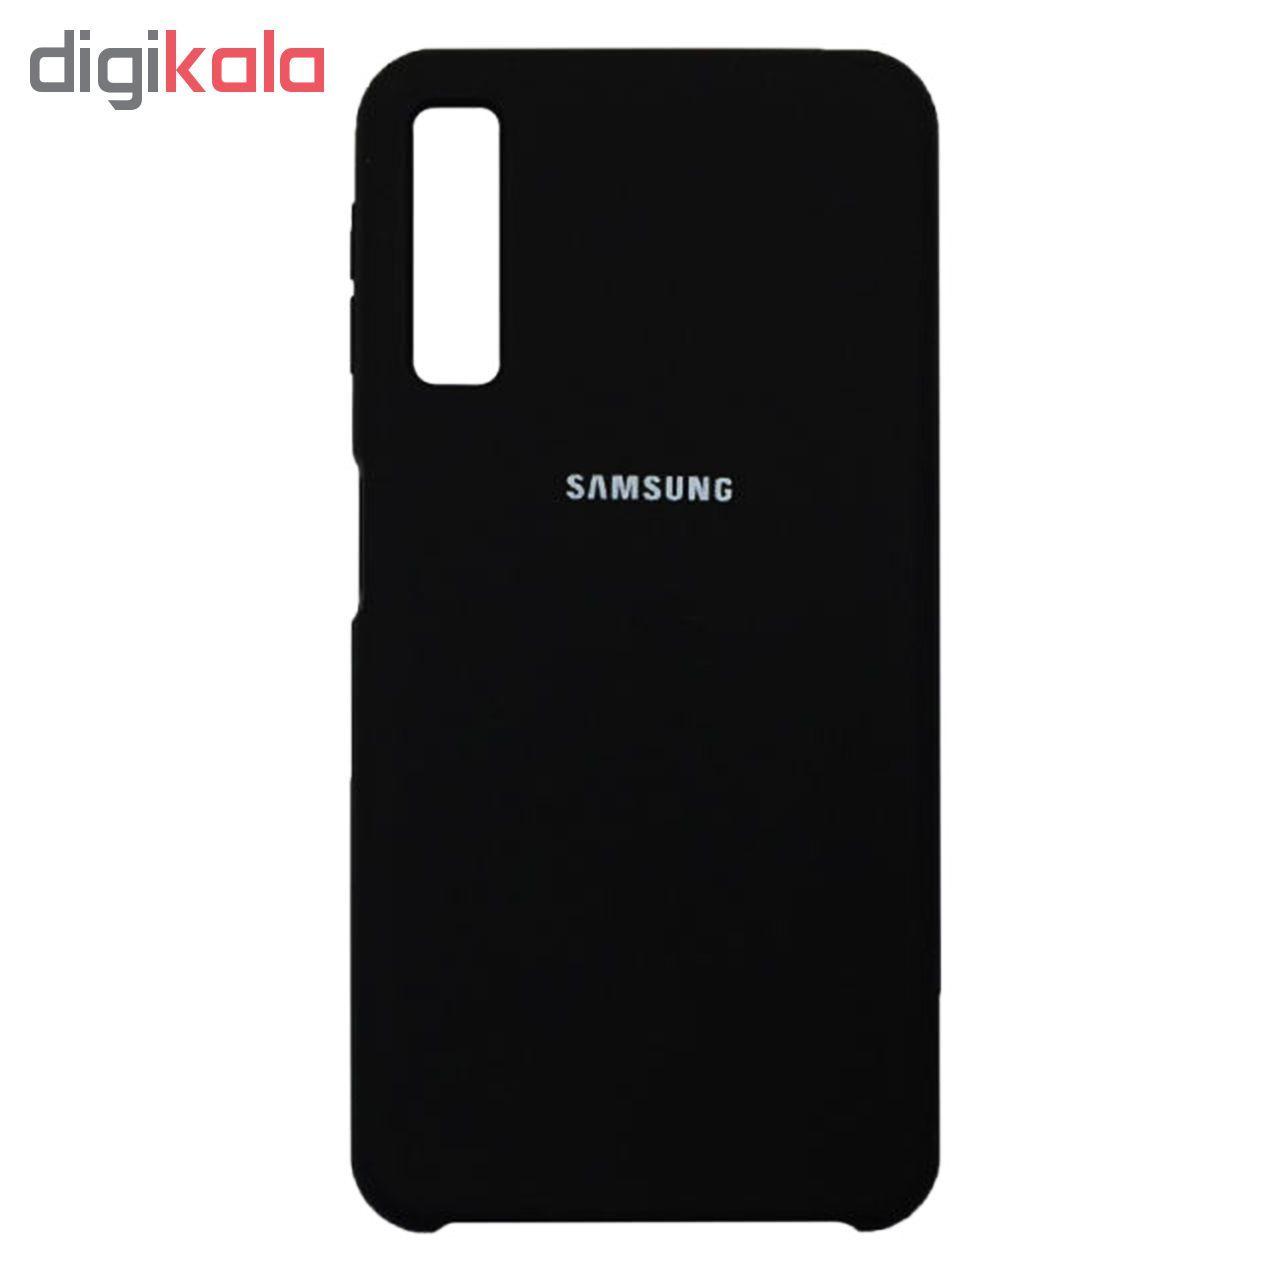 کاور سیلیکونی مدل SC-001 مناسب برای گوشی موبایل سامسونگ Galaxy A7 2018 main 1 1